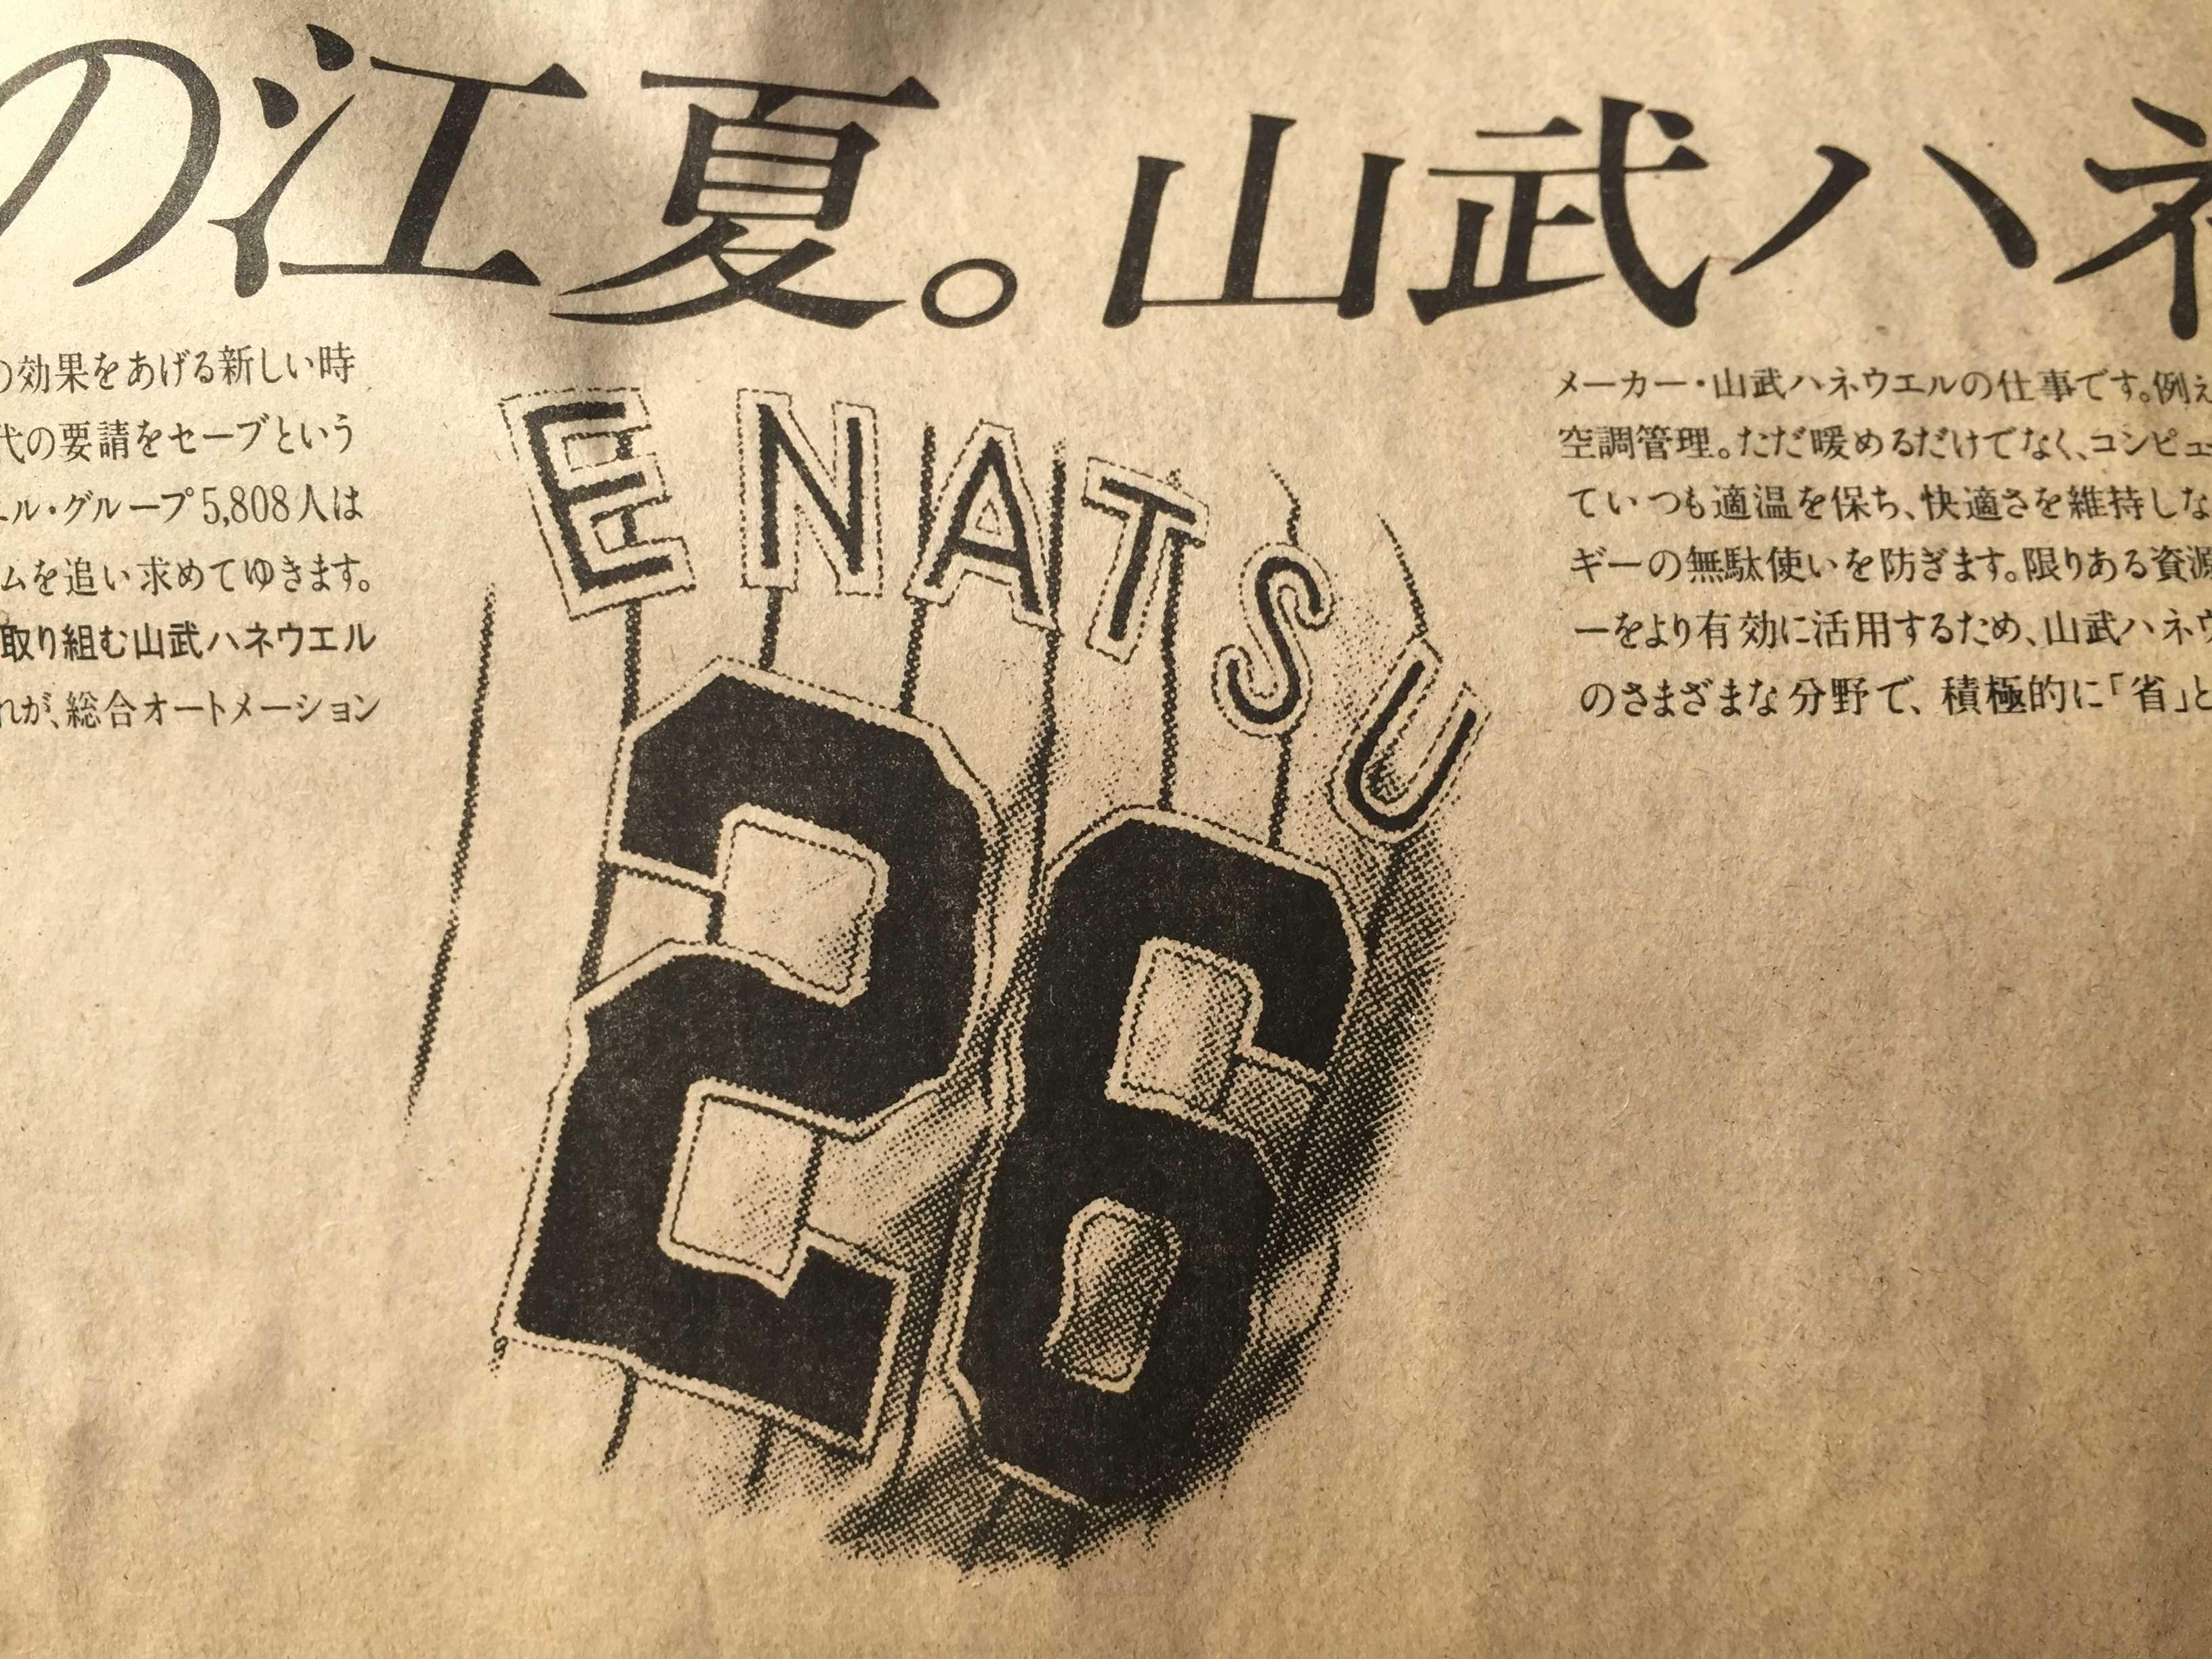 昭和56年(1981年) 日本ハム・江夏 背番号 26